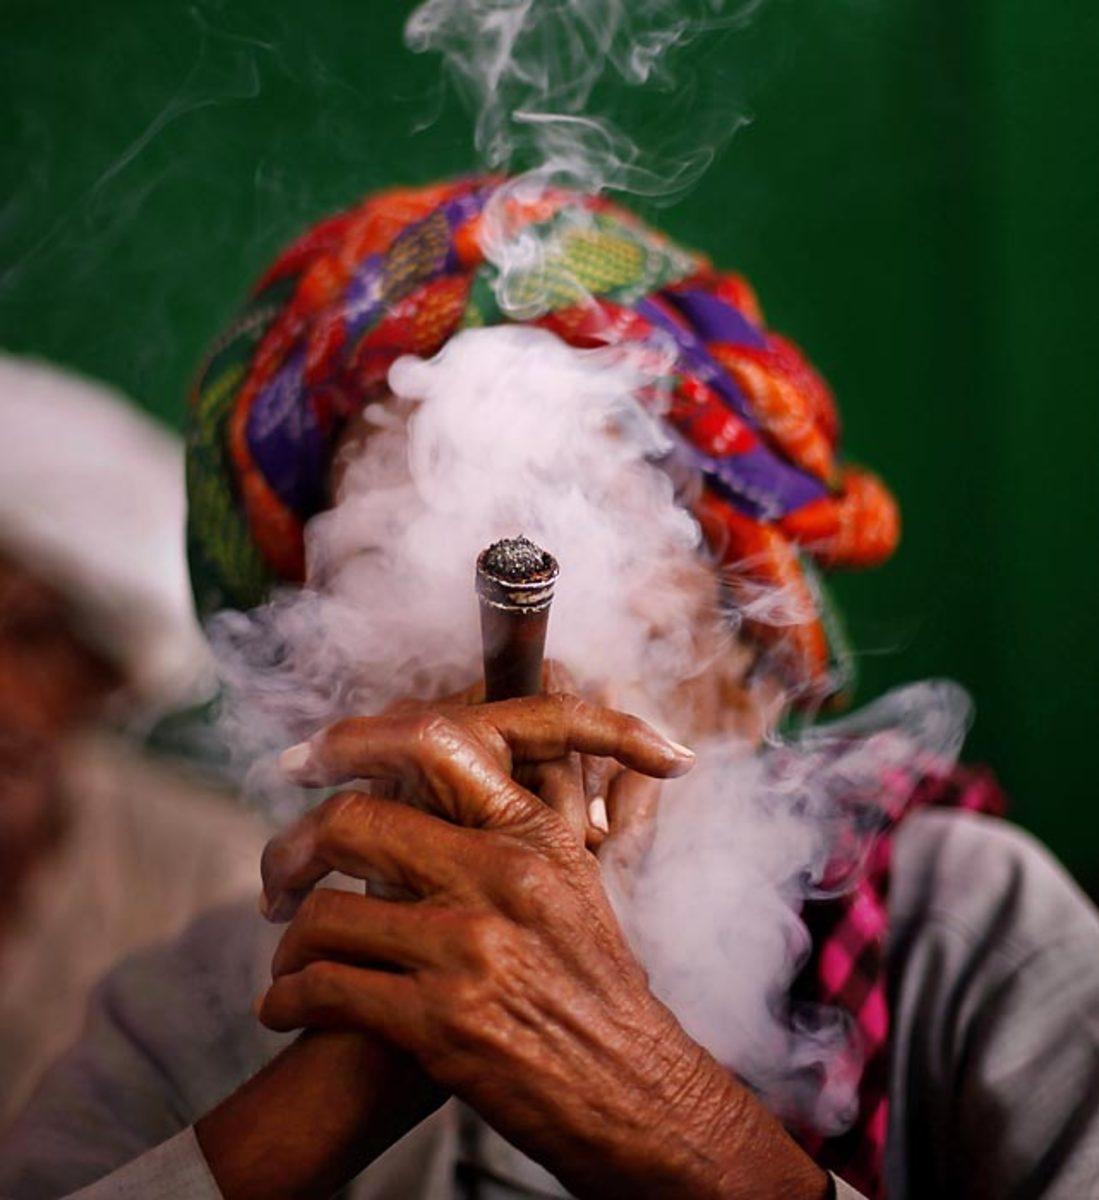 130823123506-indian-smoker-549-0-single-image-cut.jpg